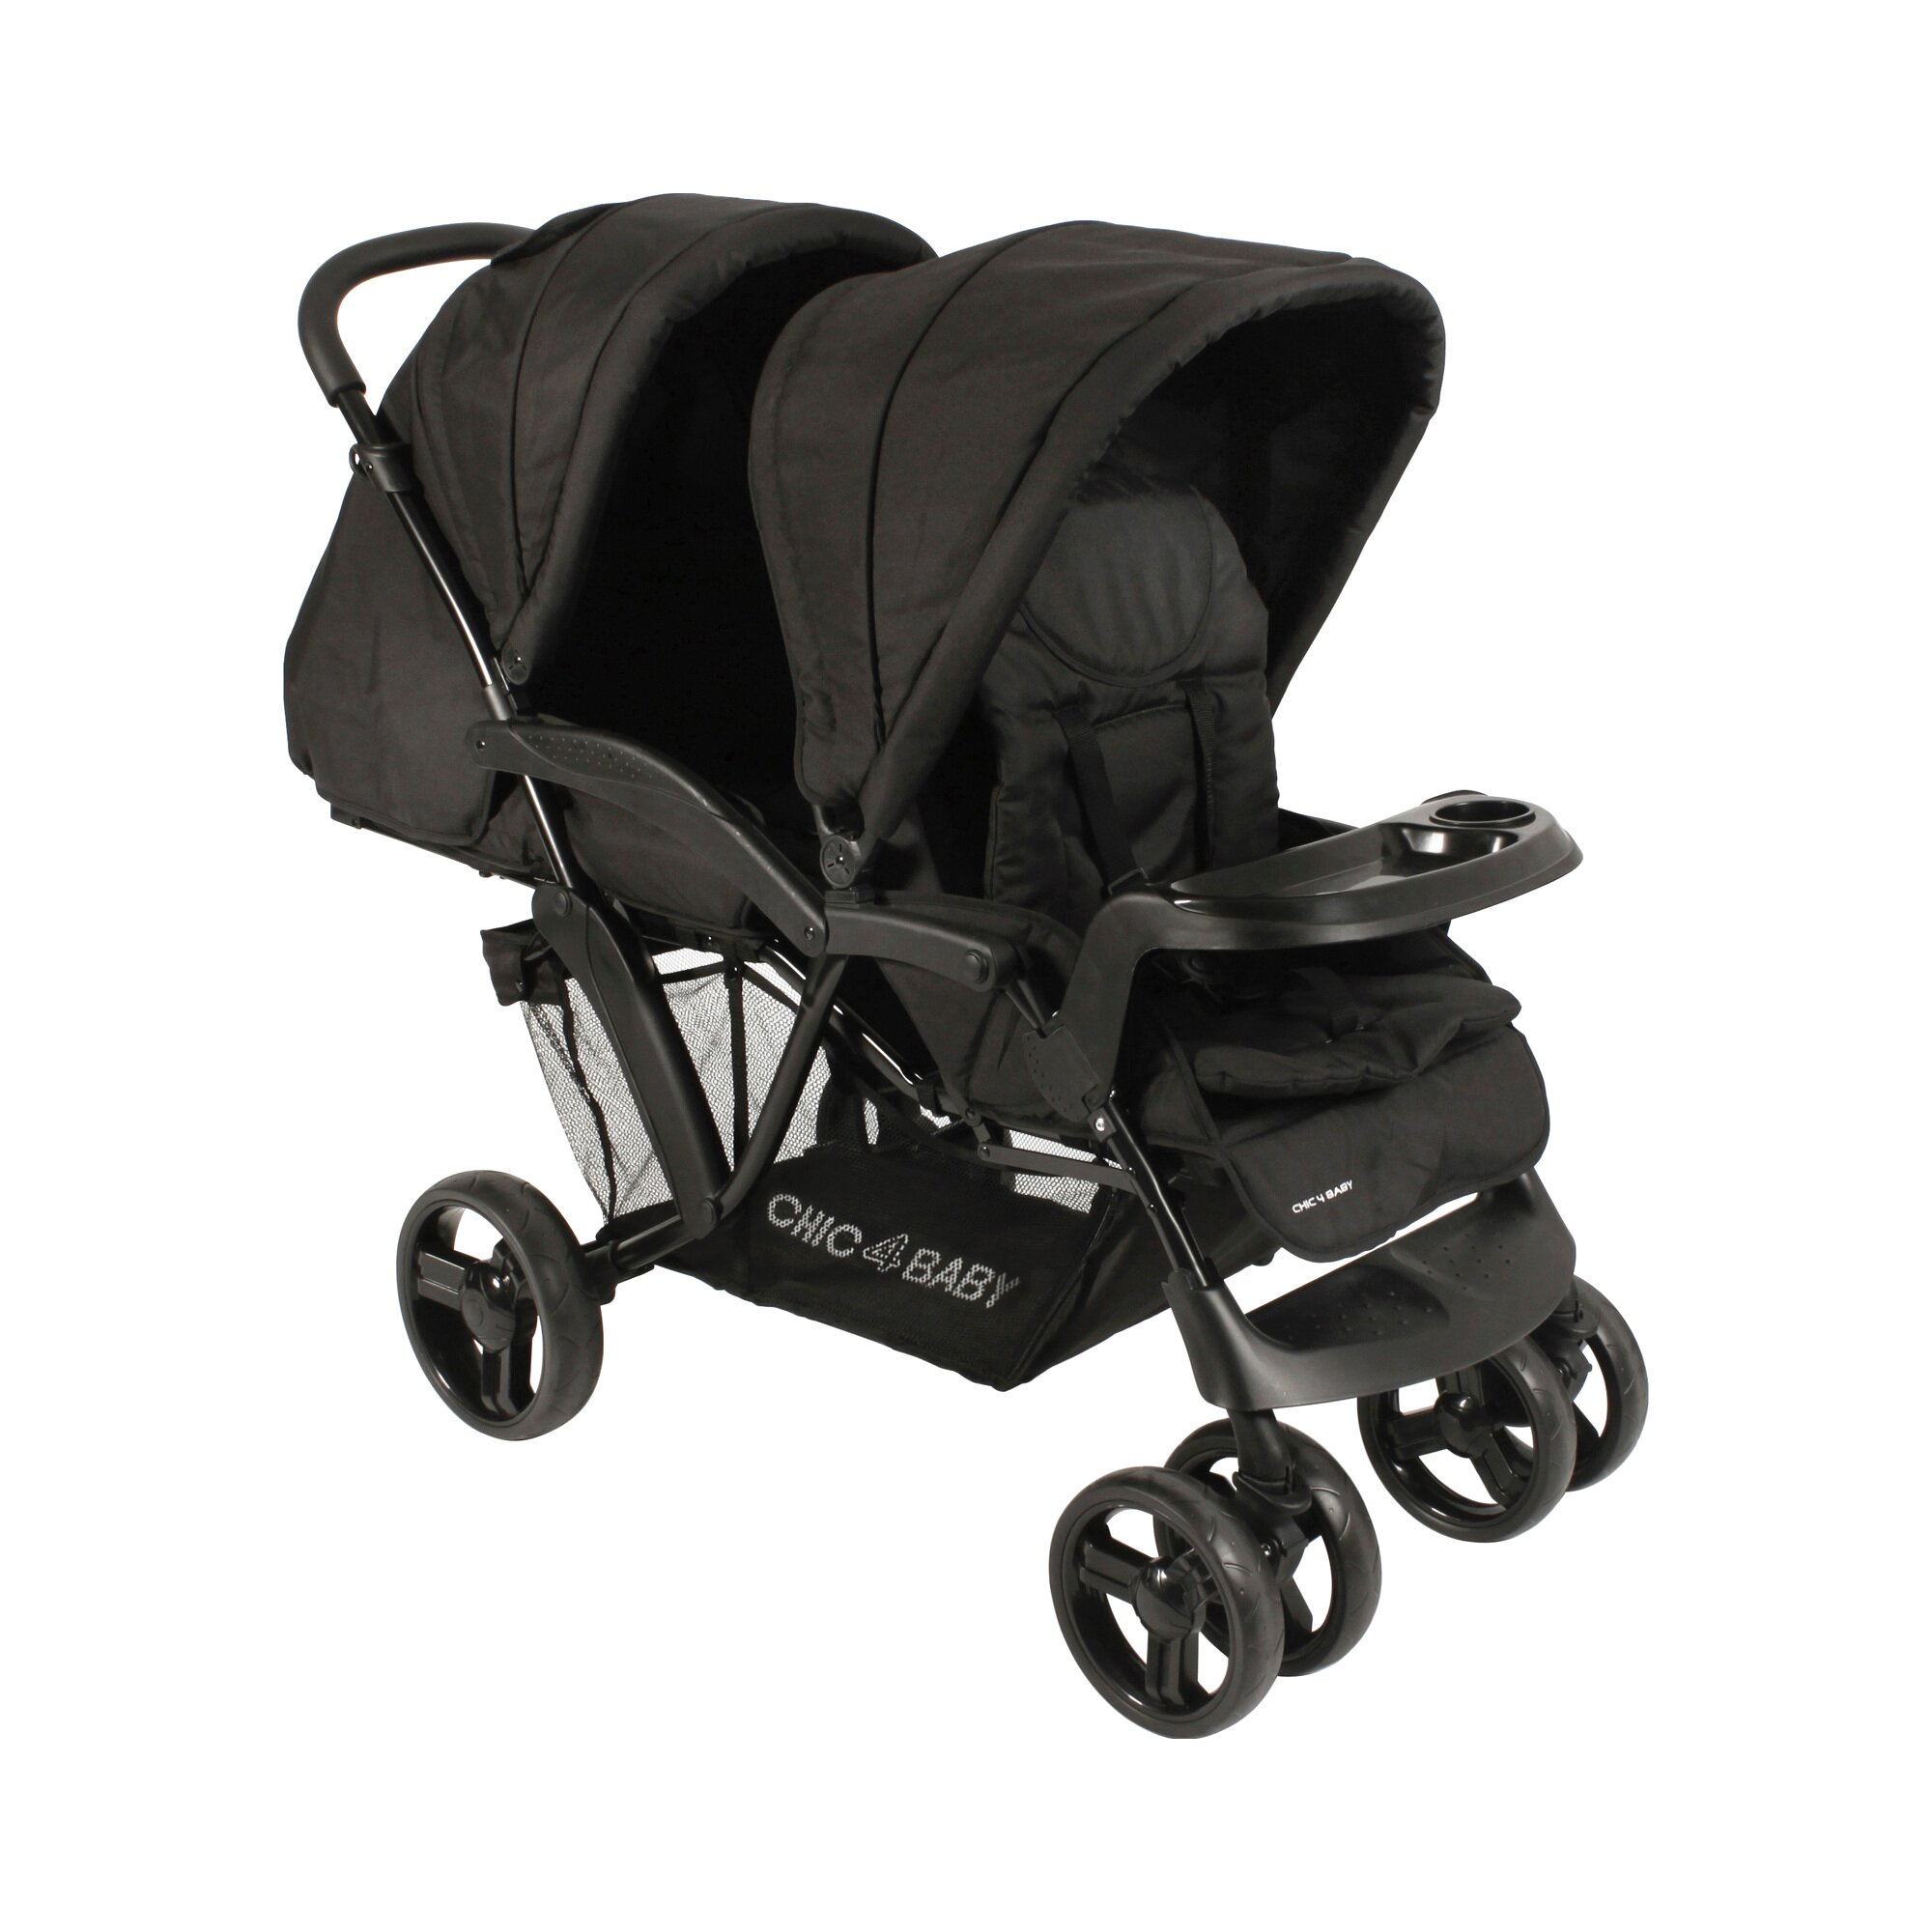 Chic 4 Baby Doppio Kinderwagen Geschwisterwagen schwarz